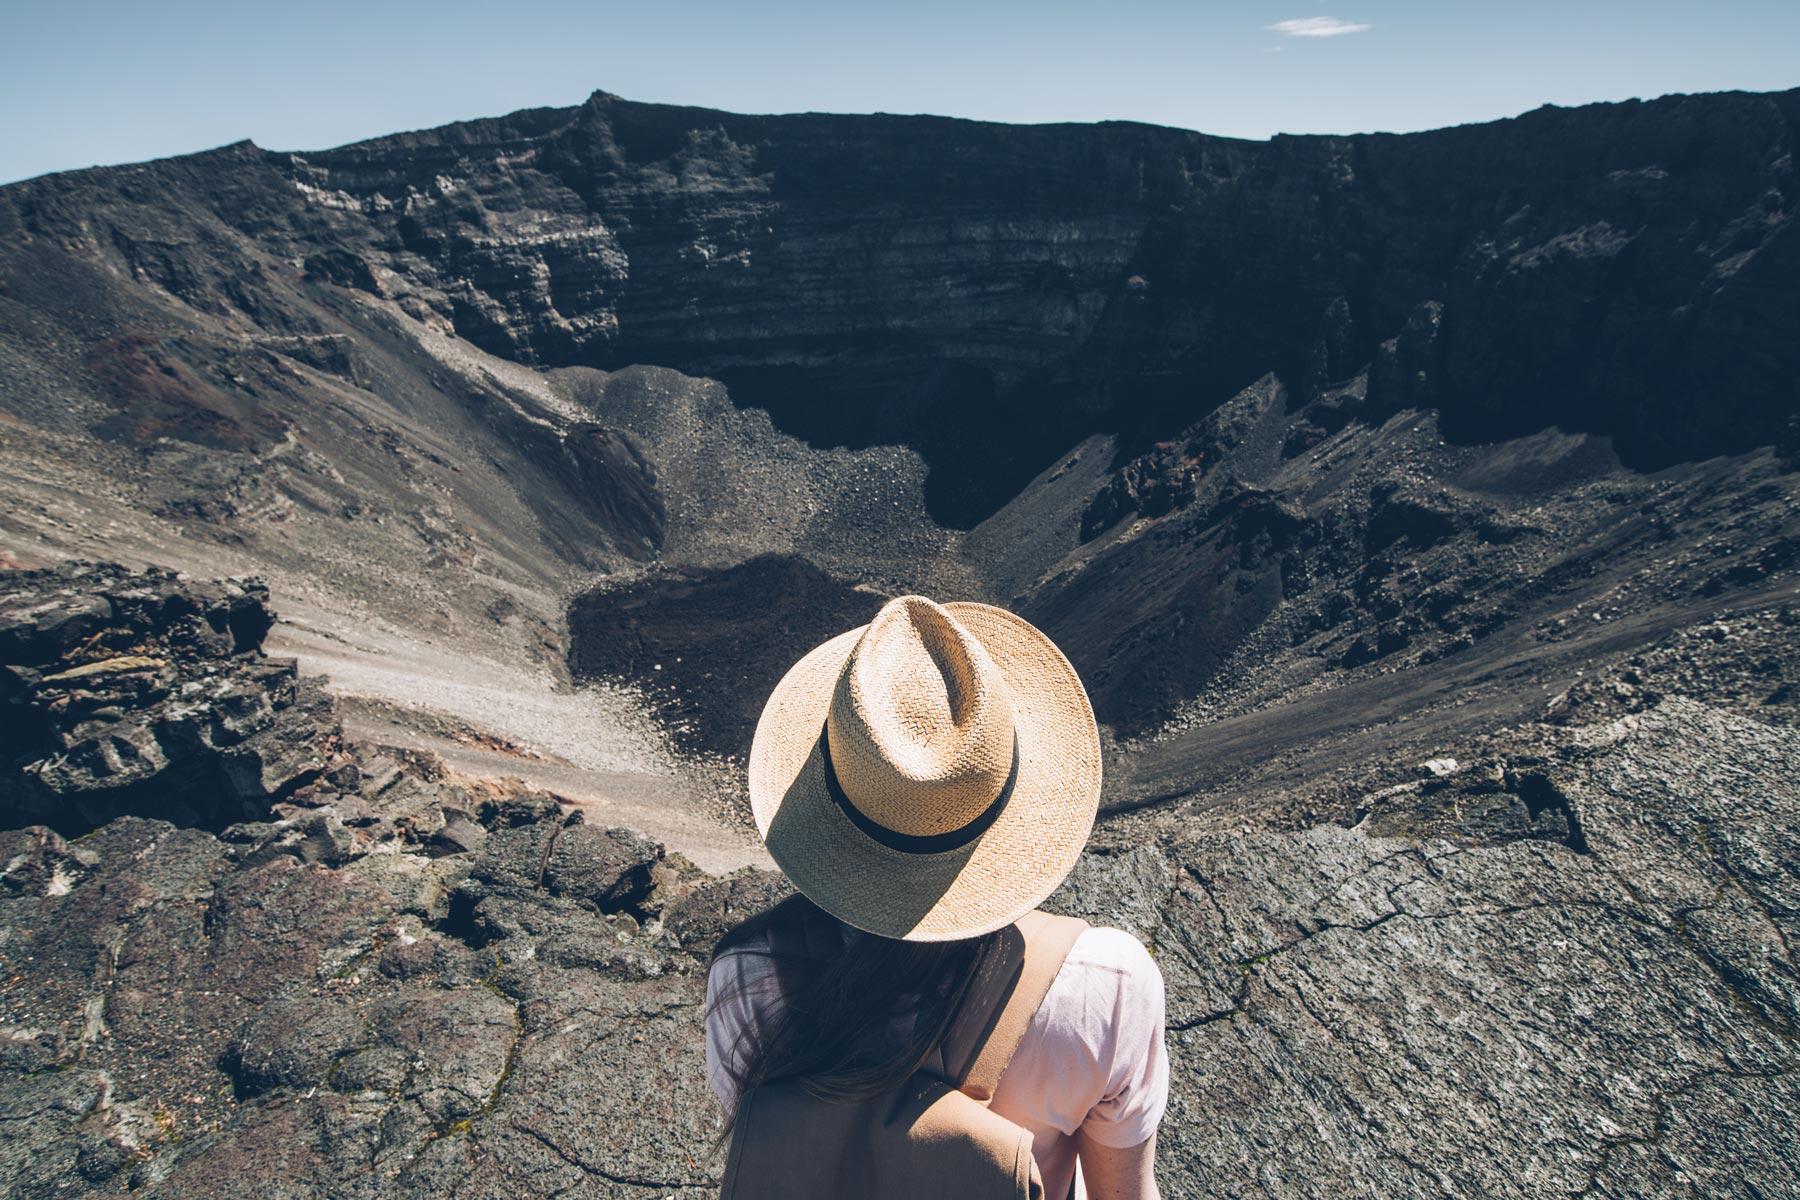 Piton de la Fournaise, Randonnée jusqu'au cratère/sommet